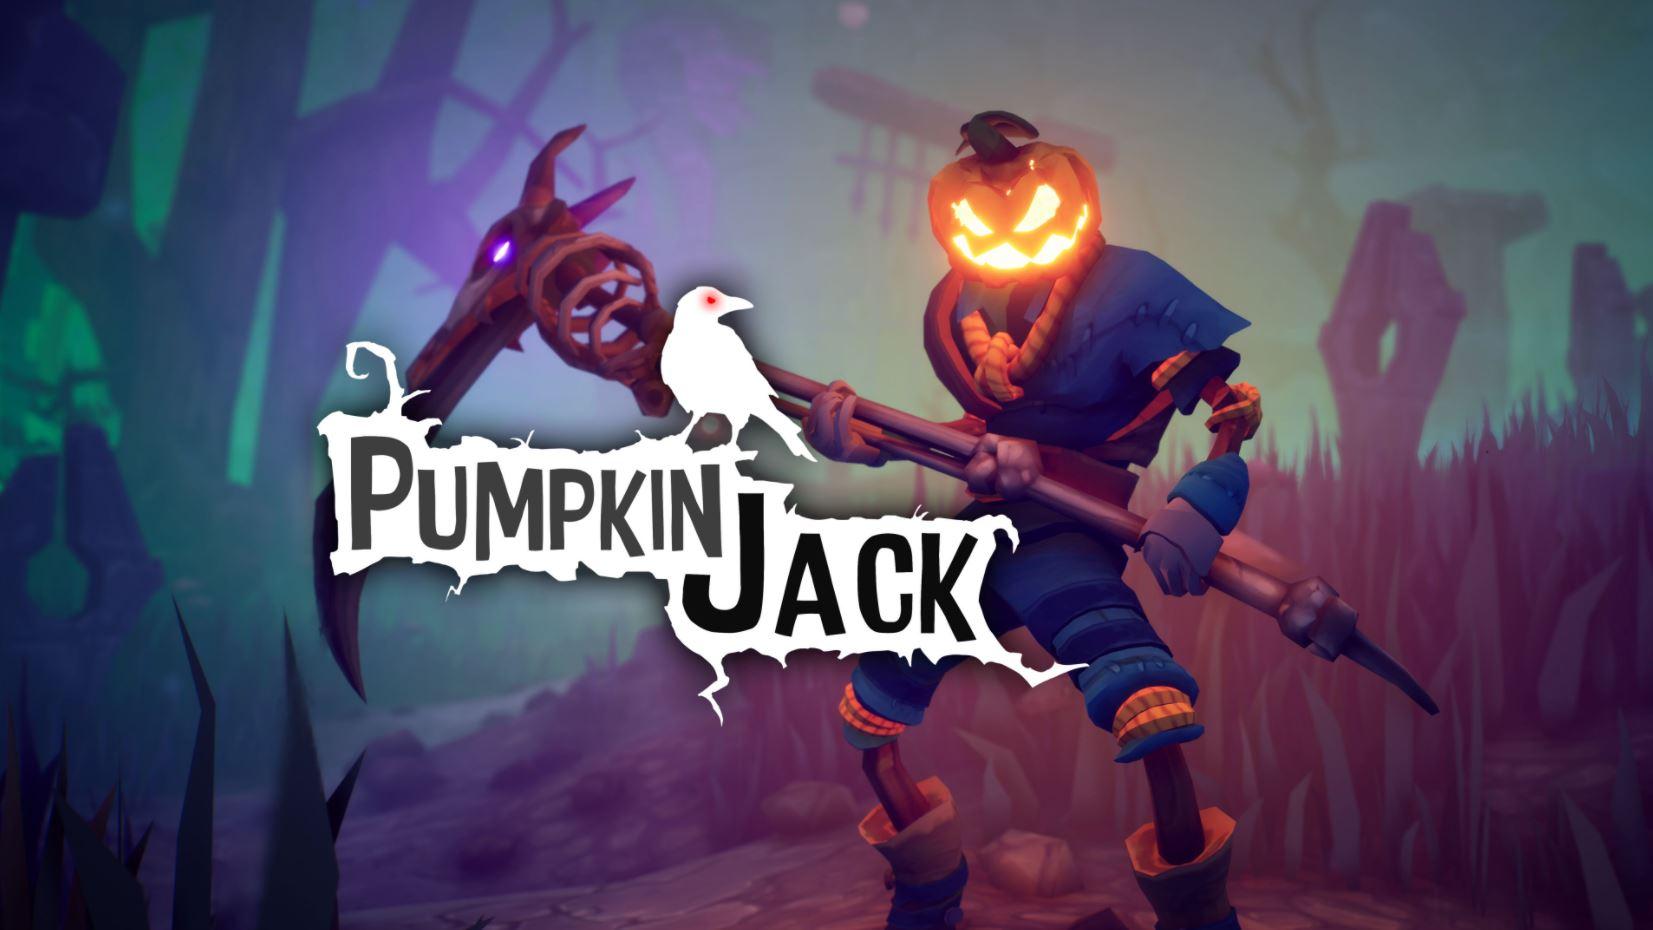 pumpkin-jack-ps4-news-reviews-videos